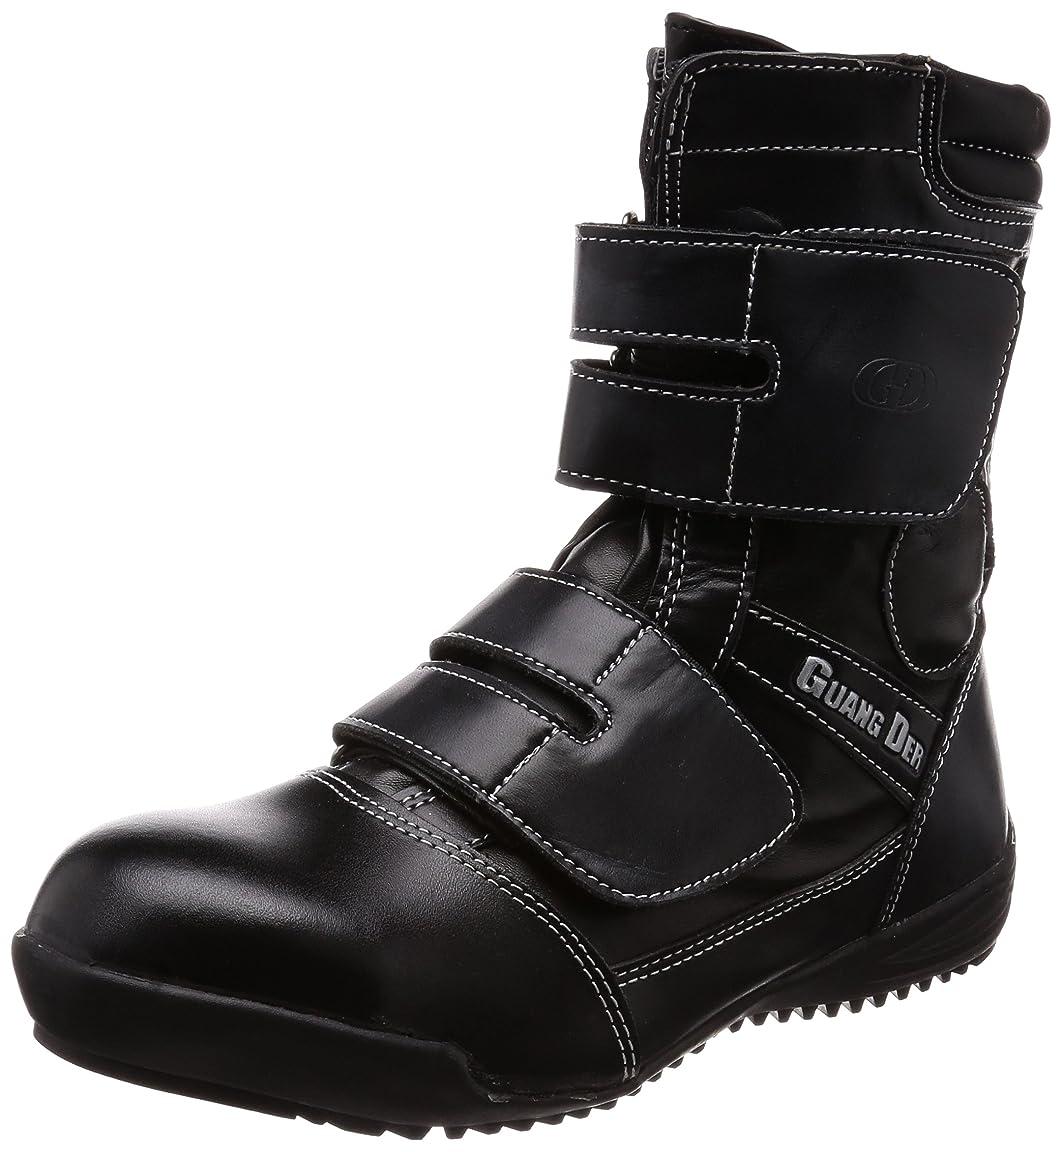 ロッドに勝るベンチャー鋼製先芯入り 高所用 作業靴 合成皮革(PU) タイプ 先芯部本革 3E GD-00 メンズ